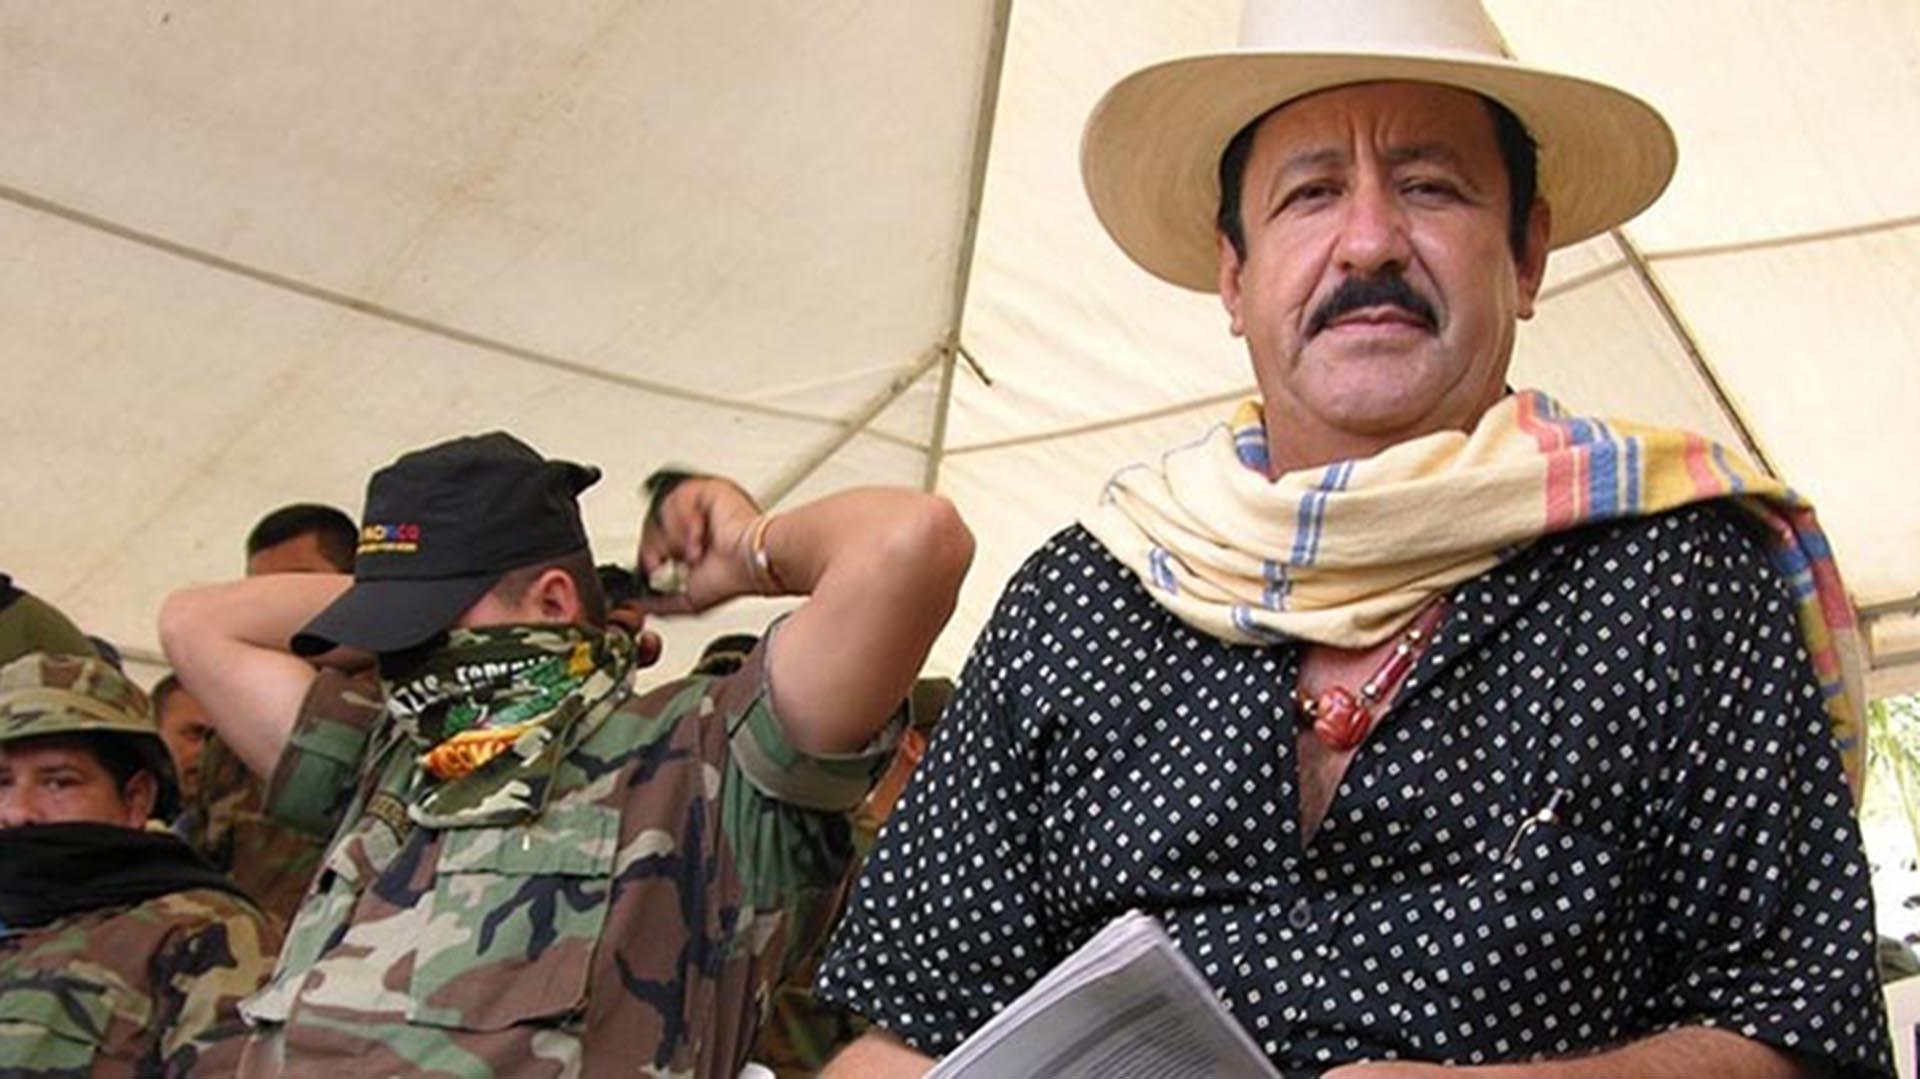 Hernán Giraldo, cabecilla del bloque Resistencia Tayrona de las Autodefensas Unidad de Colombia, era conocido como el 'Taladro' por sus abusos sexuales. (Foto El Informador)